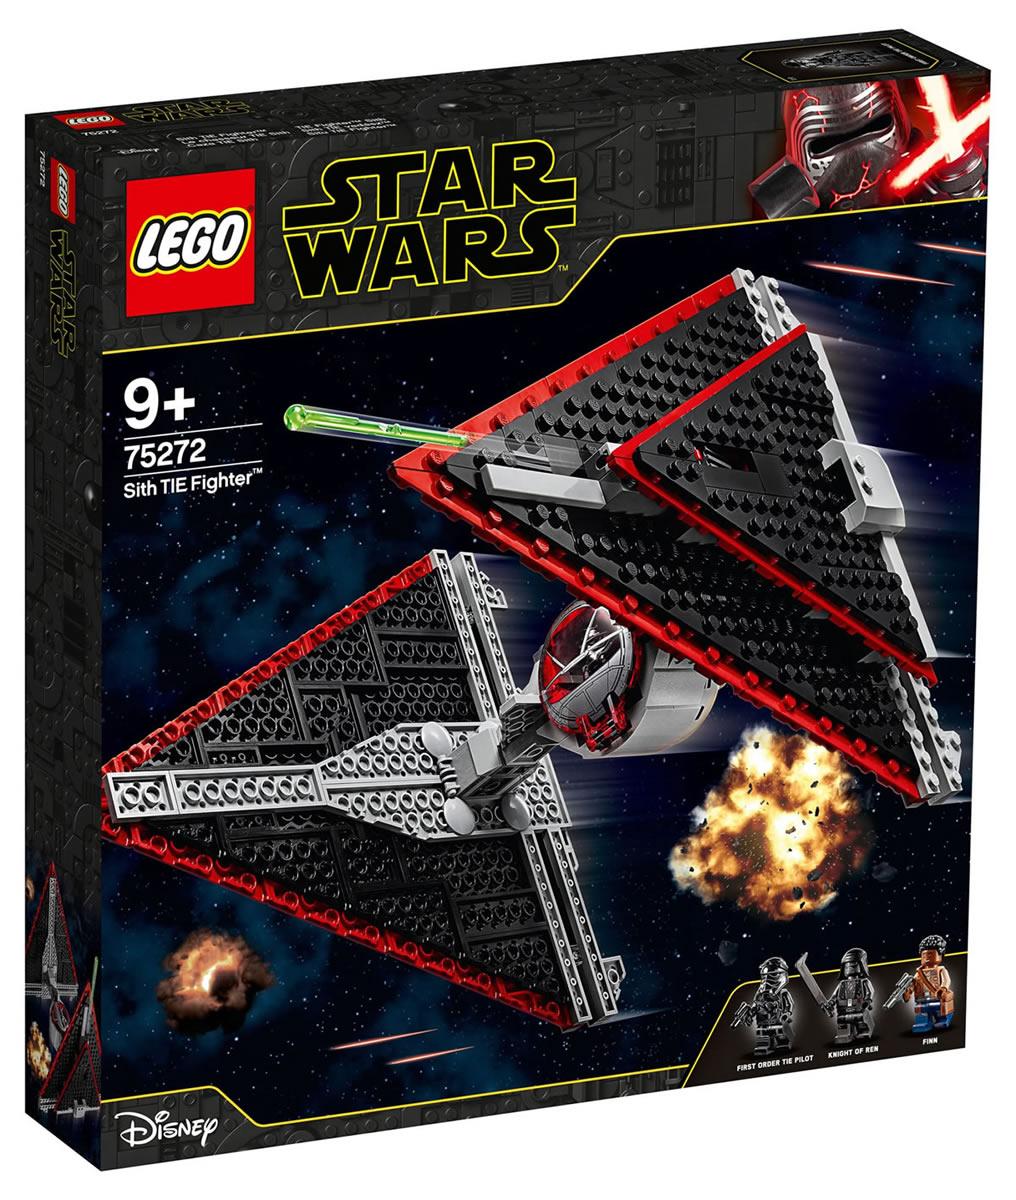 LEGO Star Wars - 75272 - Sith TIE Fighter 75264_11